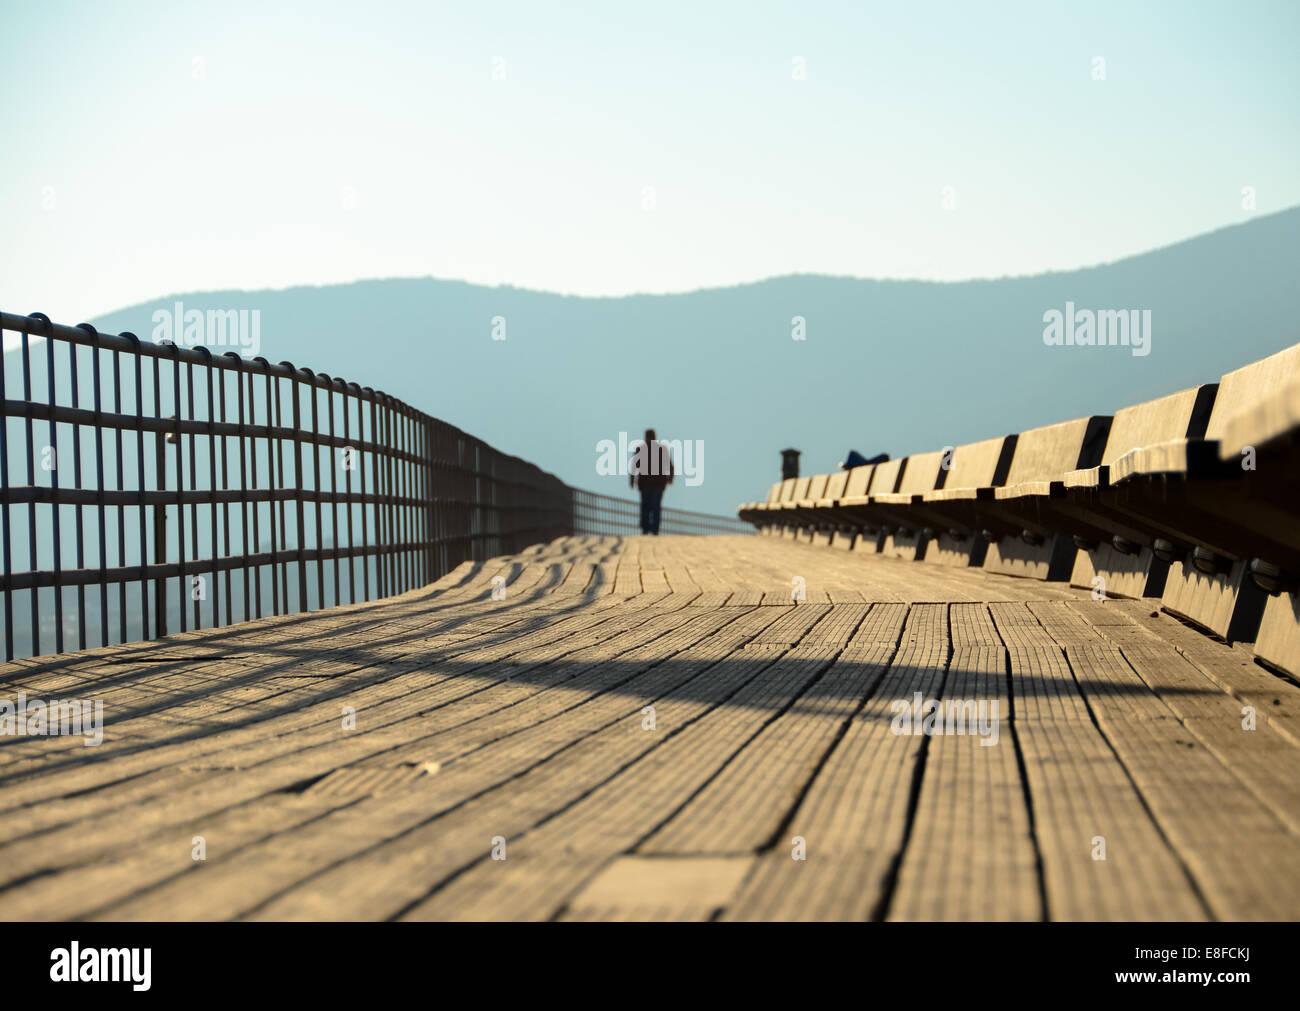 Greece, Attica Periphery, Porto Rafti, Person walking through wooden footbridge - Stock Image